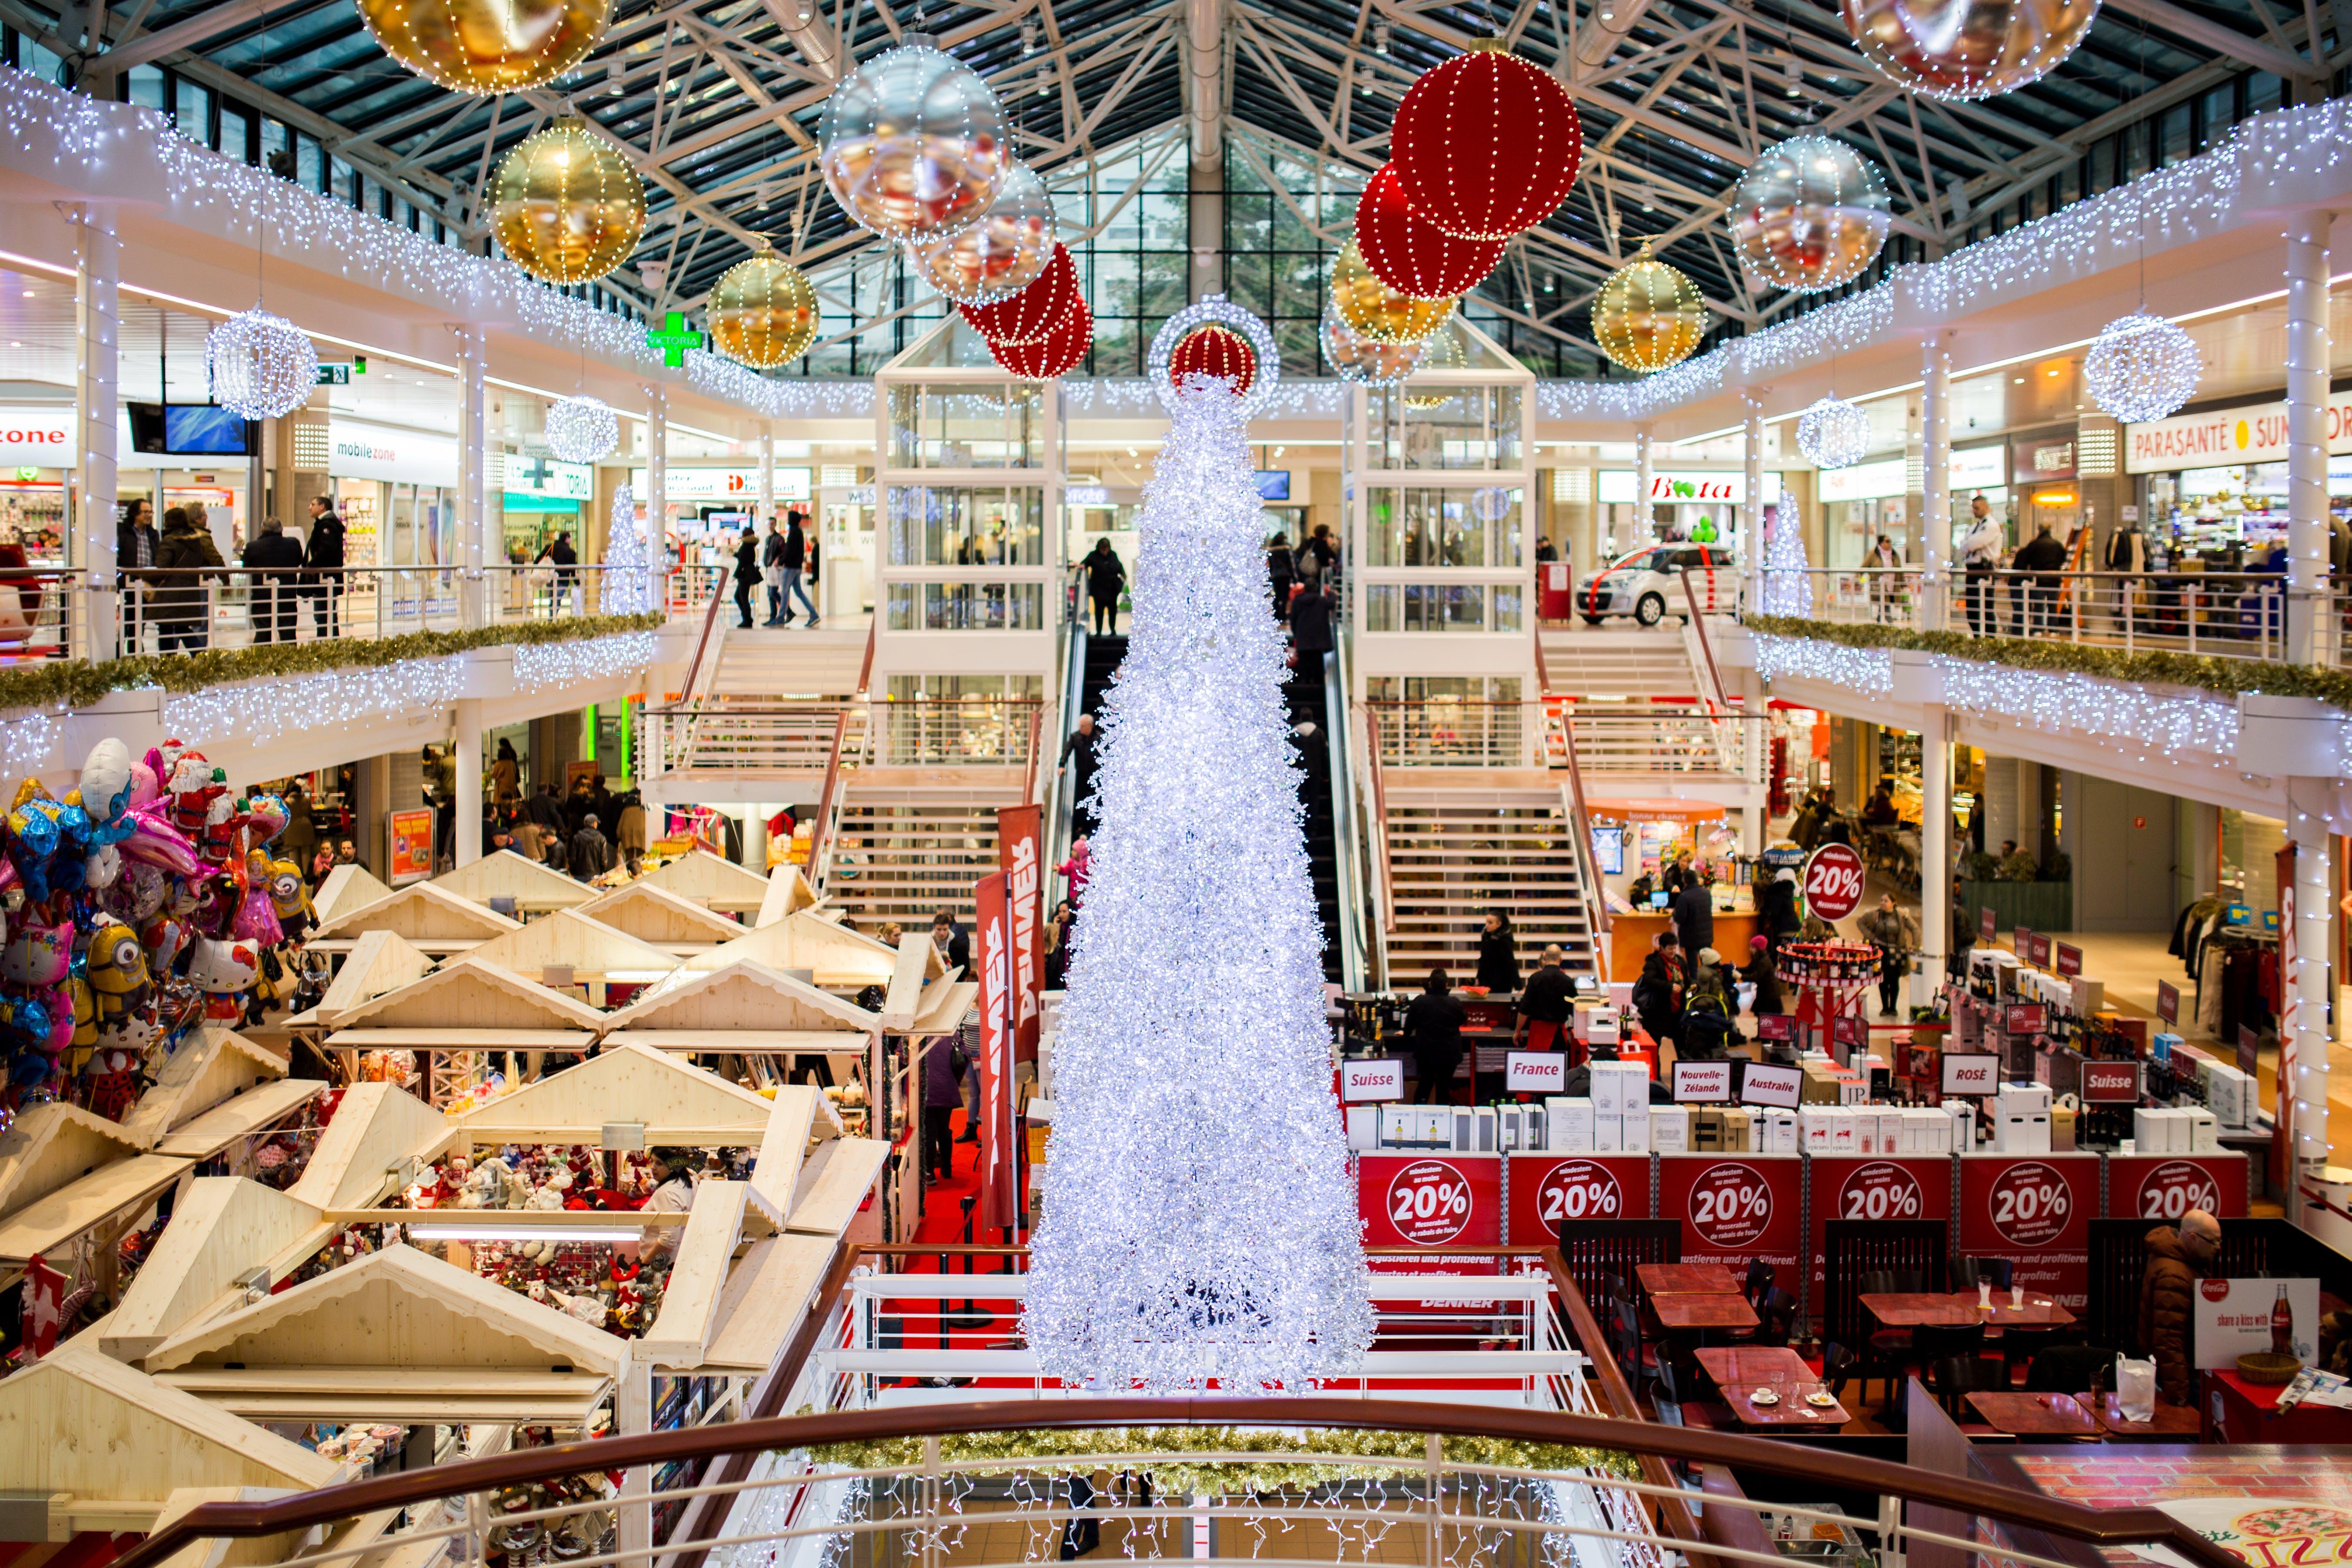 Δωρεάν στοκ φωτογραφιών με έκπτωση, εσωτερικοί χώροι, κτήριο, χριστουγεννιάτικο δέντρο